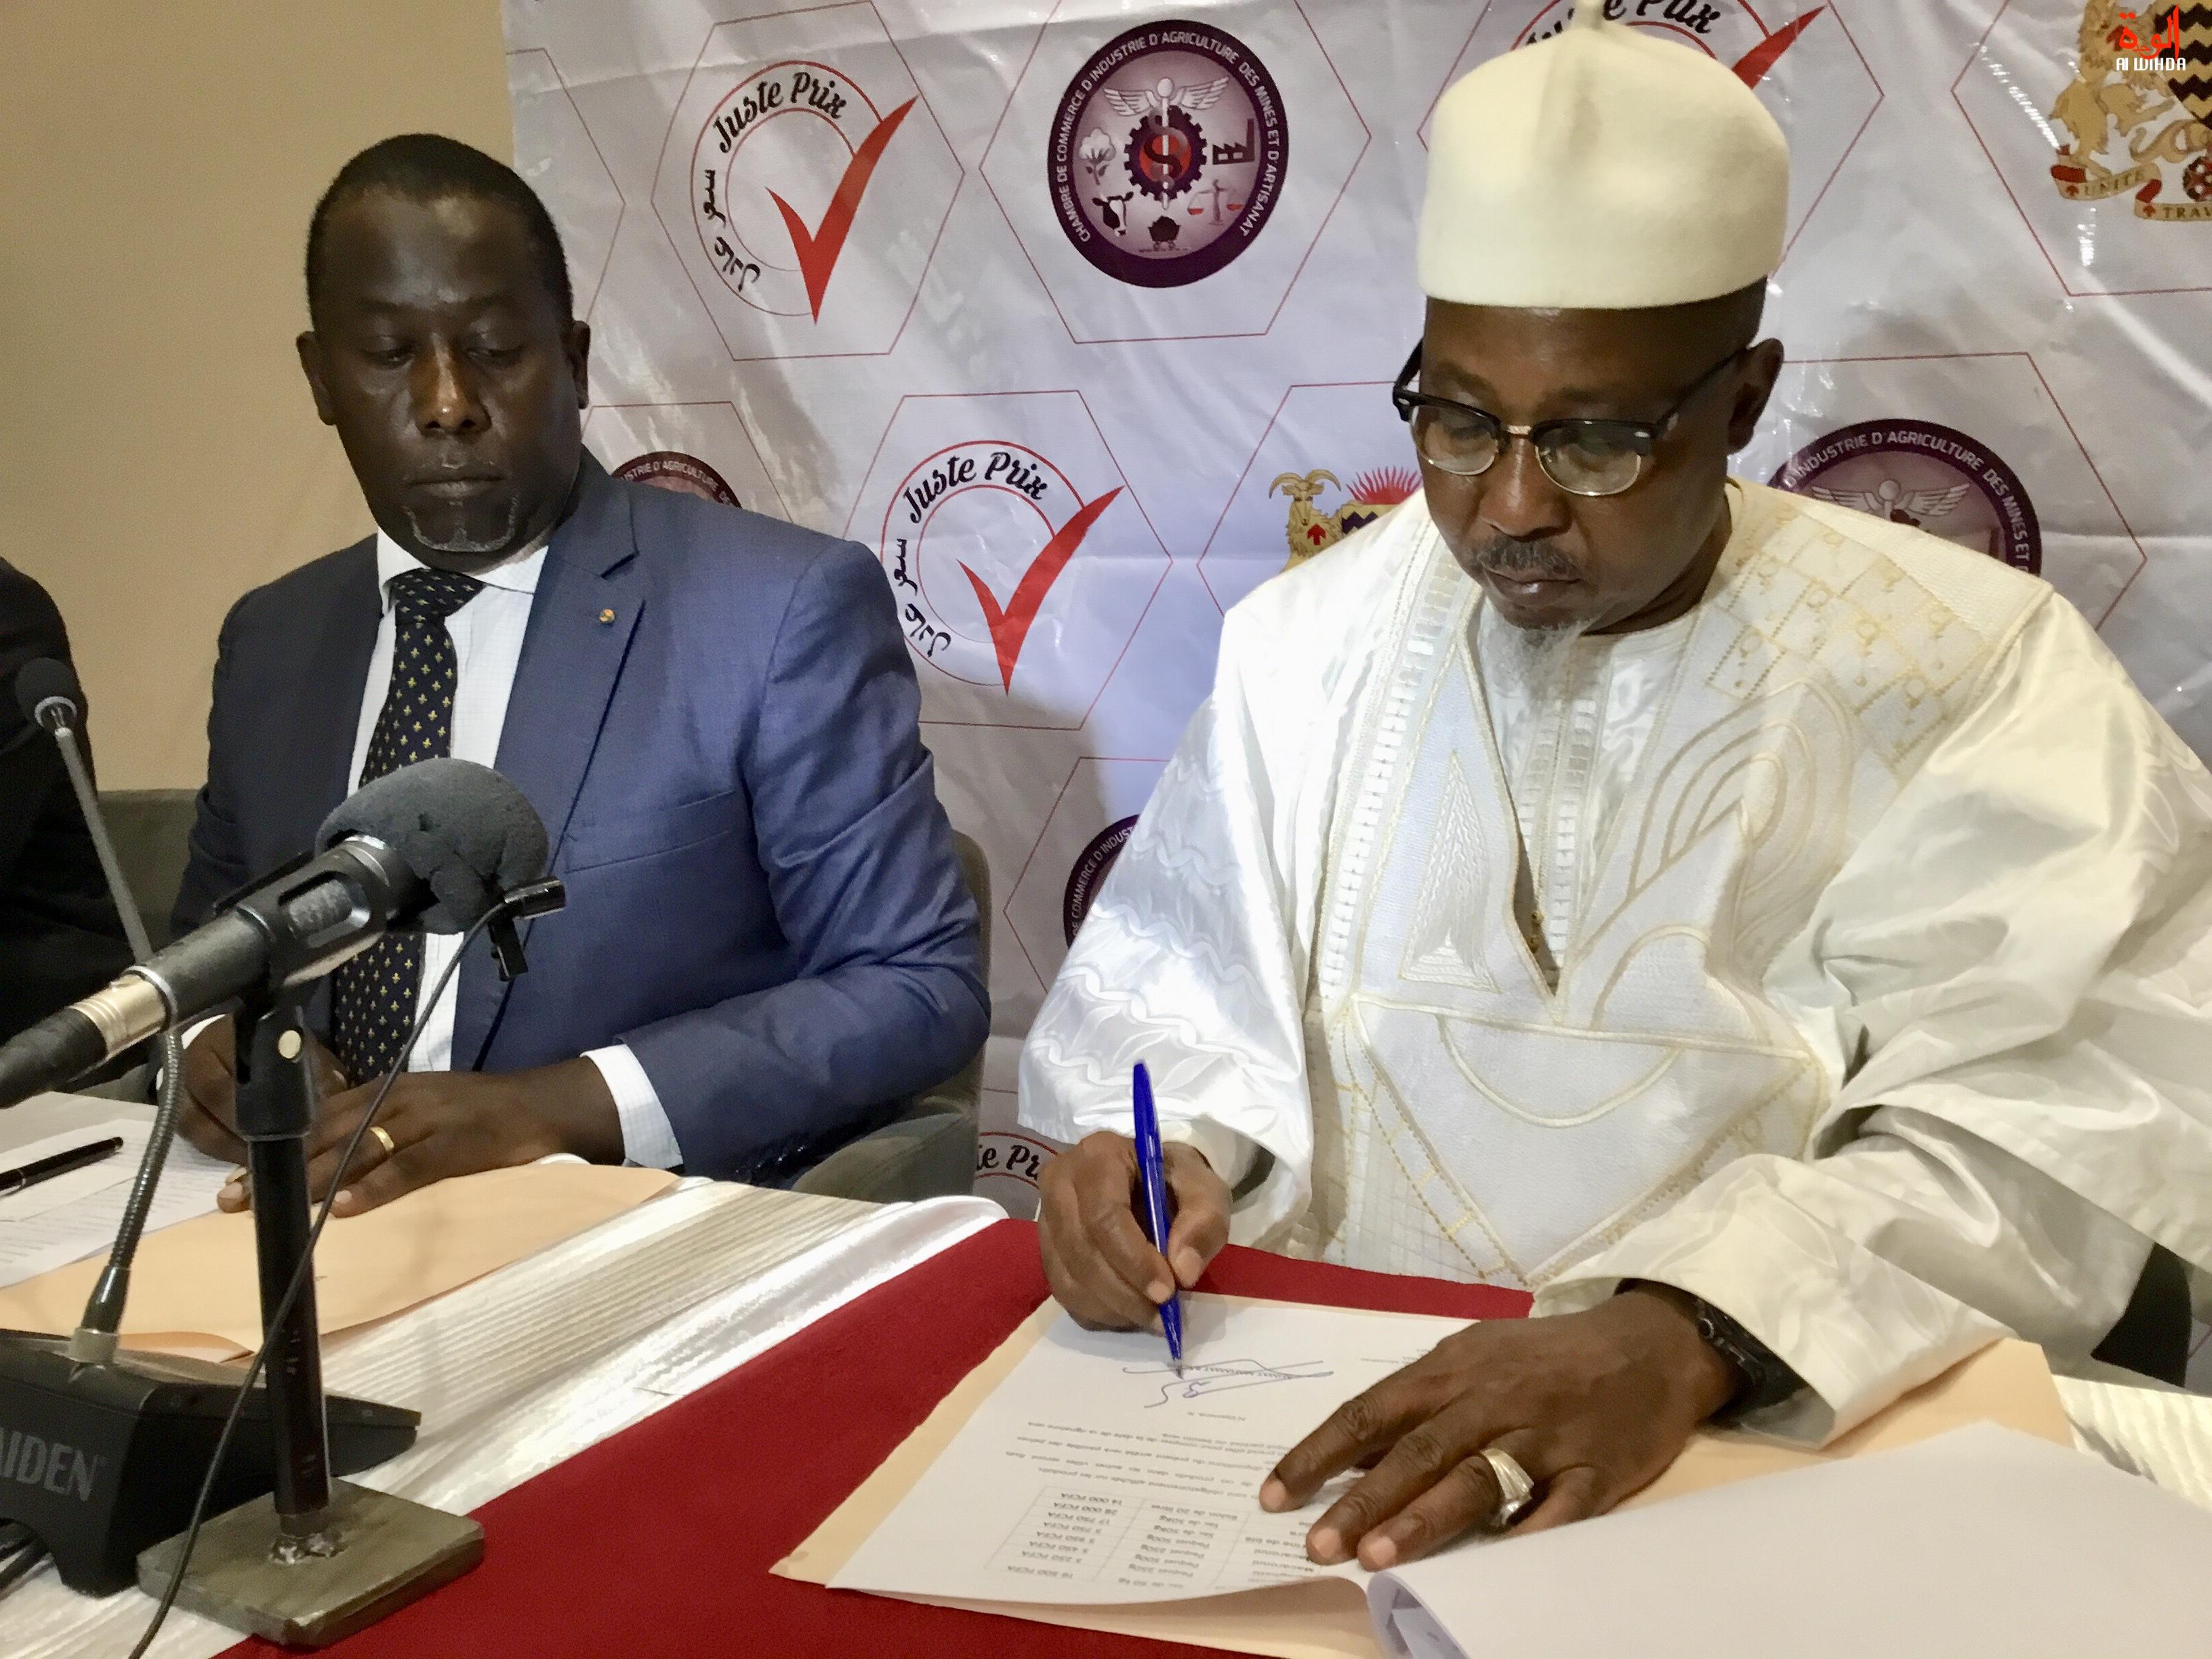 Tchad : le ministre Ahmat Bachir signe l'arrêté fixant les prix des aliments, le 22 juin 2019 à N'Djamena. © Alwihda Info